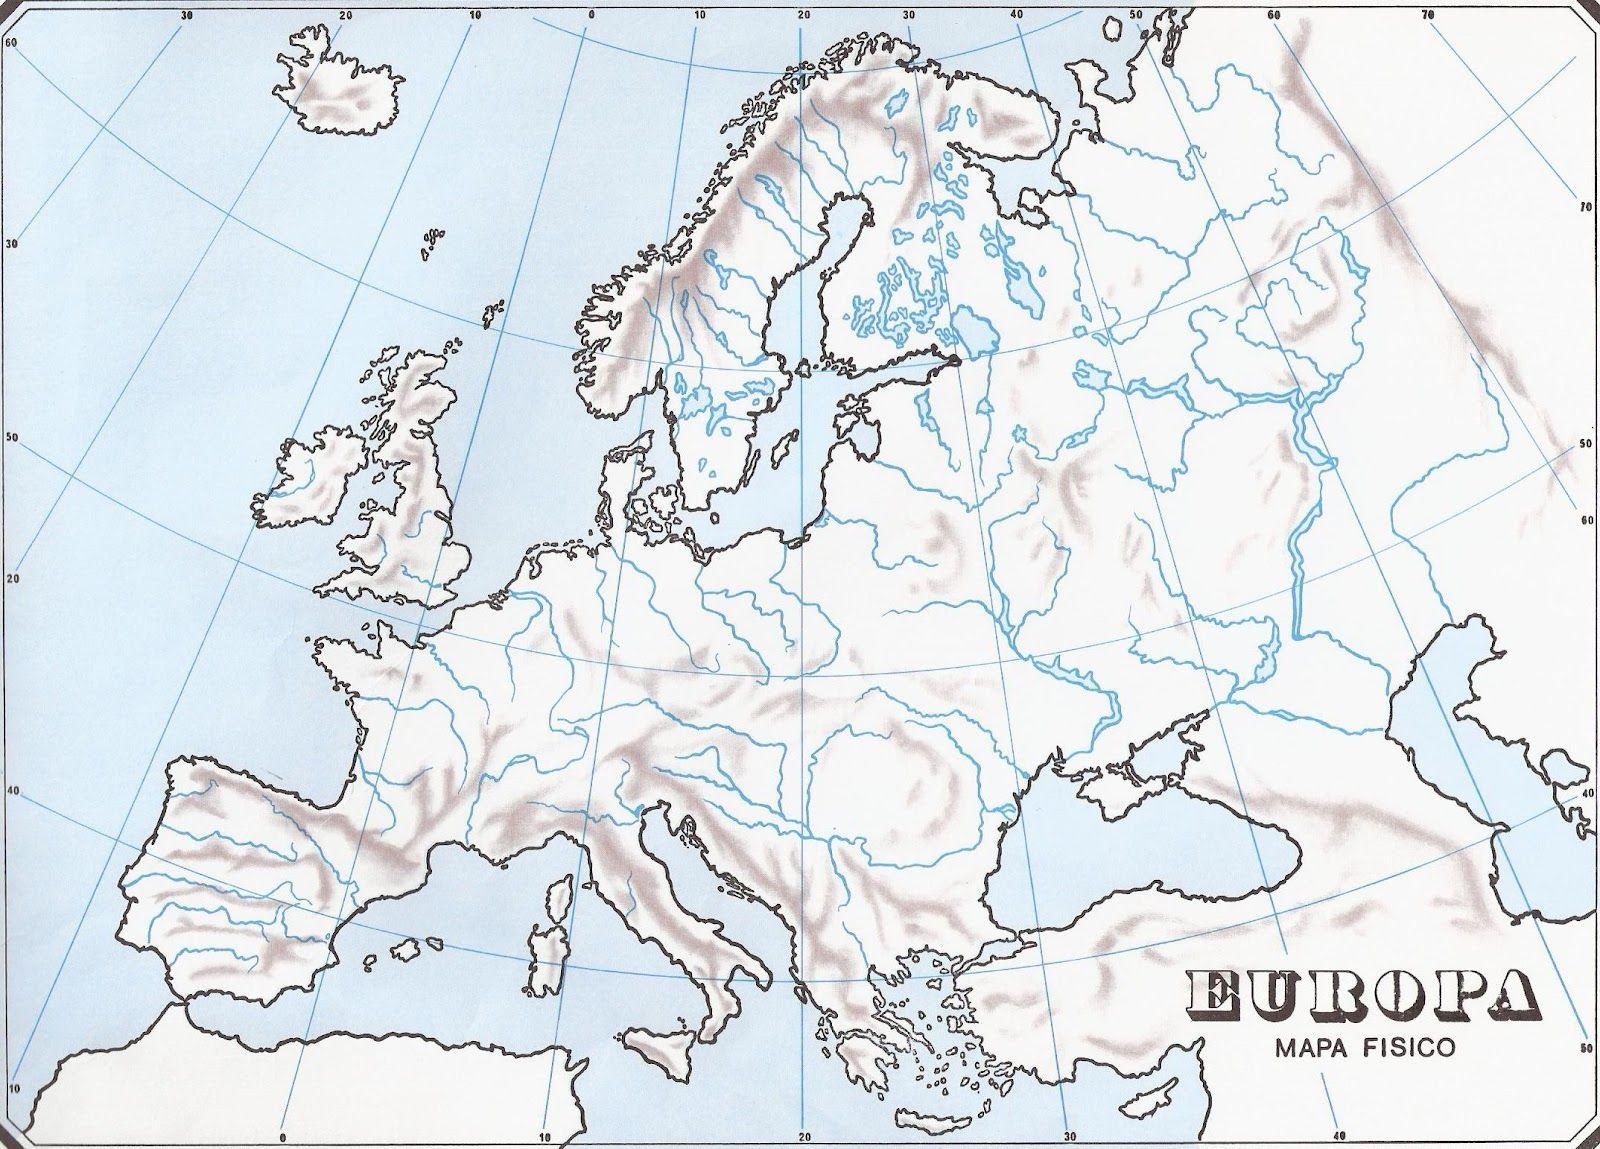 Mapa Fisico De Oceania Mudo Para Imprimir En Blanco Y Negro.Pin En Mapas